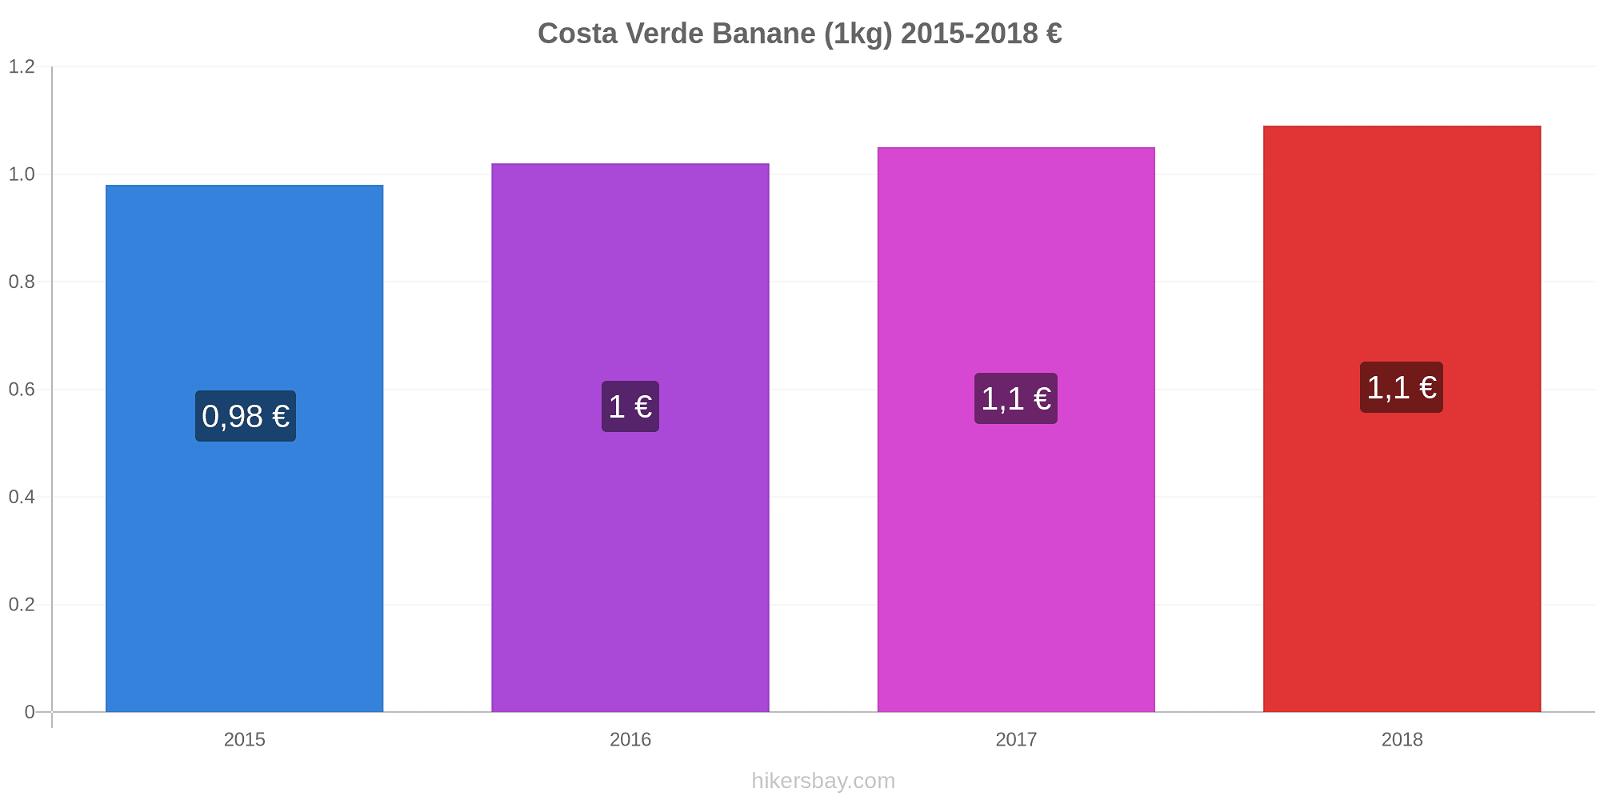 Costa Verde Preisänderungen Banane (1kg) hikersbay.com